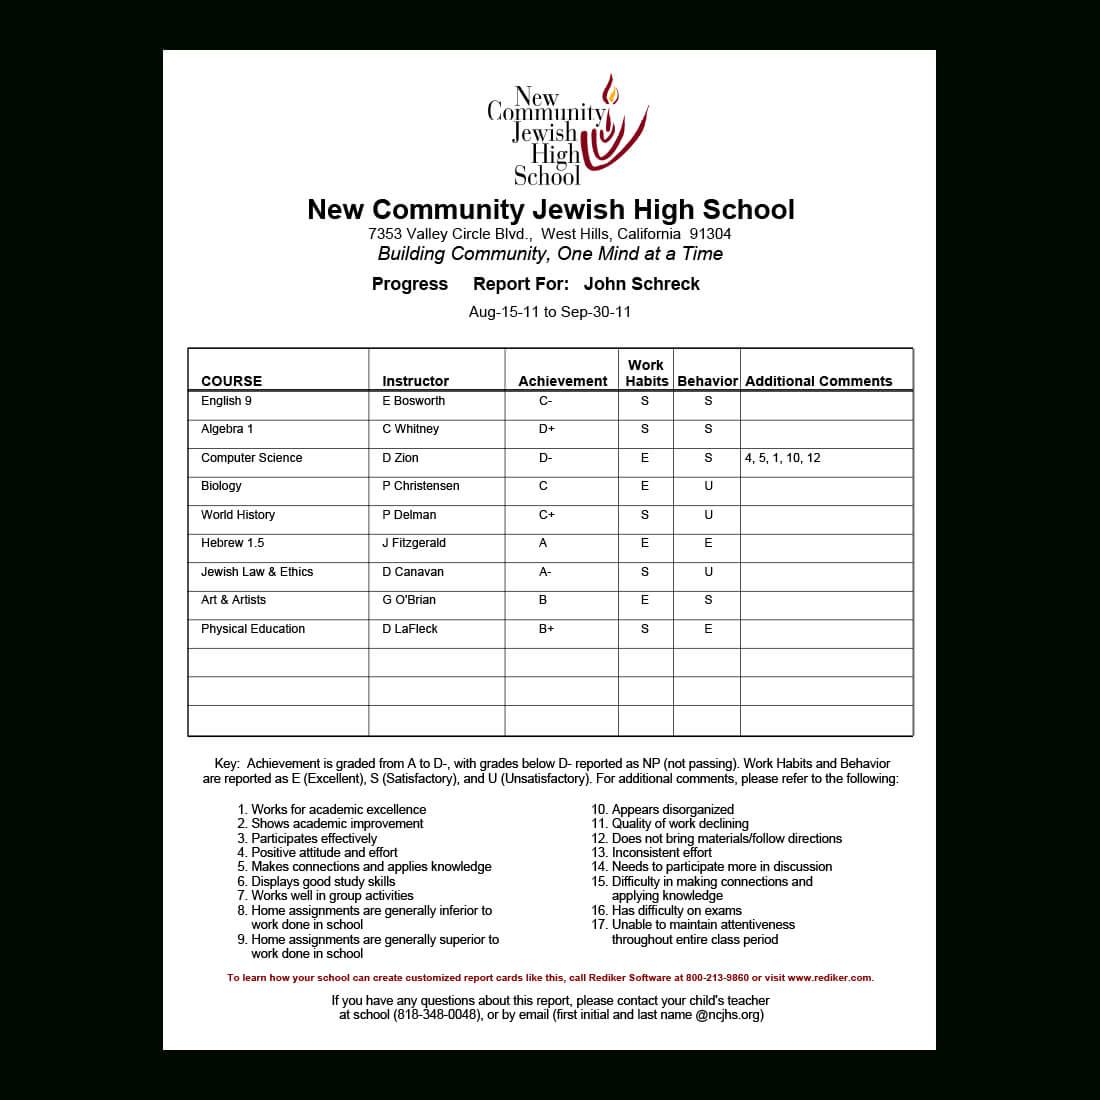 Report Card Software - Grade Management | Rediker Software Inside Summer School Progress Report Template